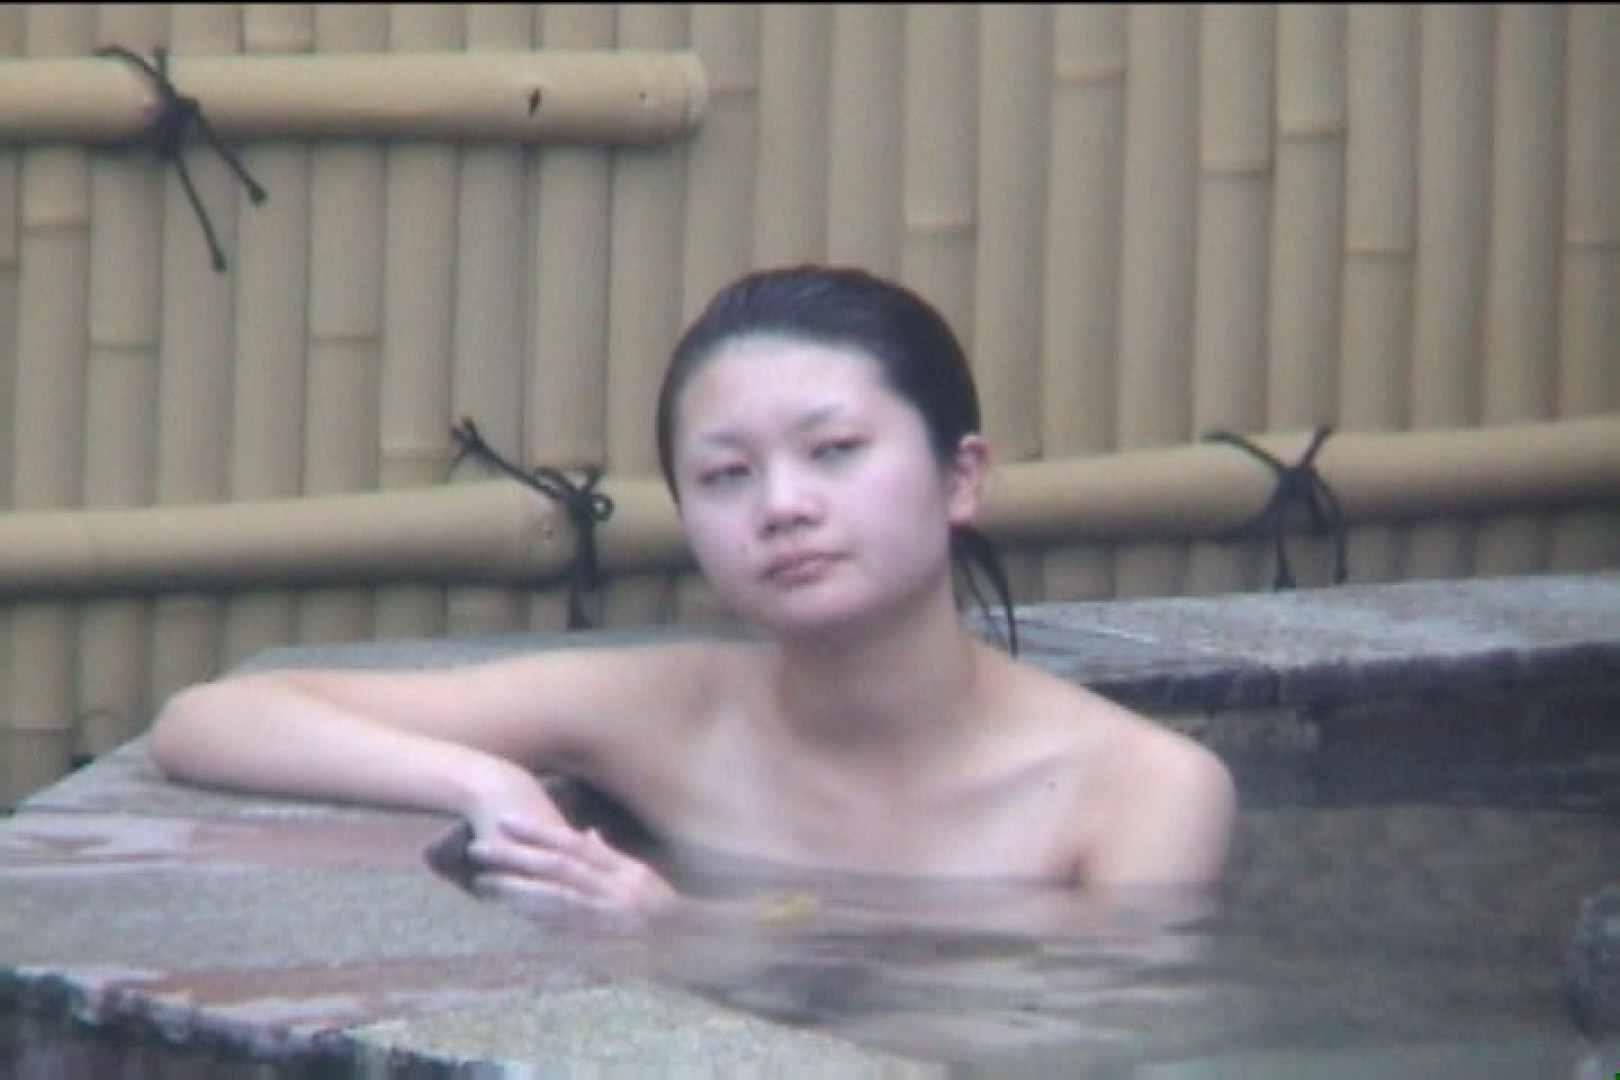 Aquaな露天風呂Vol.97【VIP限定】